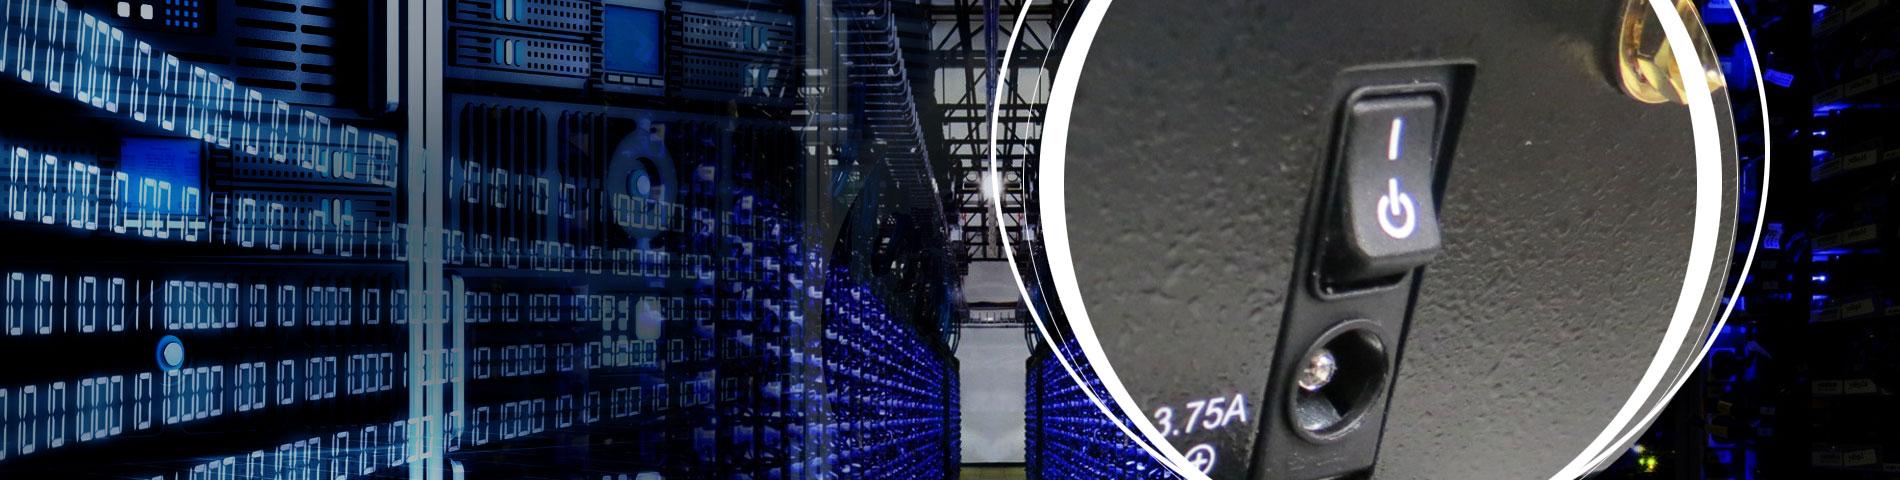 Bilgisayar Çevre Birimi Endüstrisi -    Netcom ekipmanlarına uygulanabilir